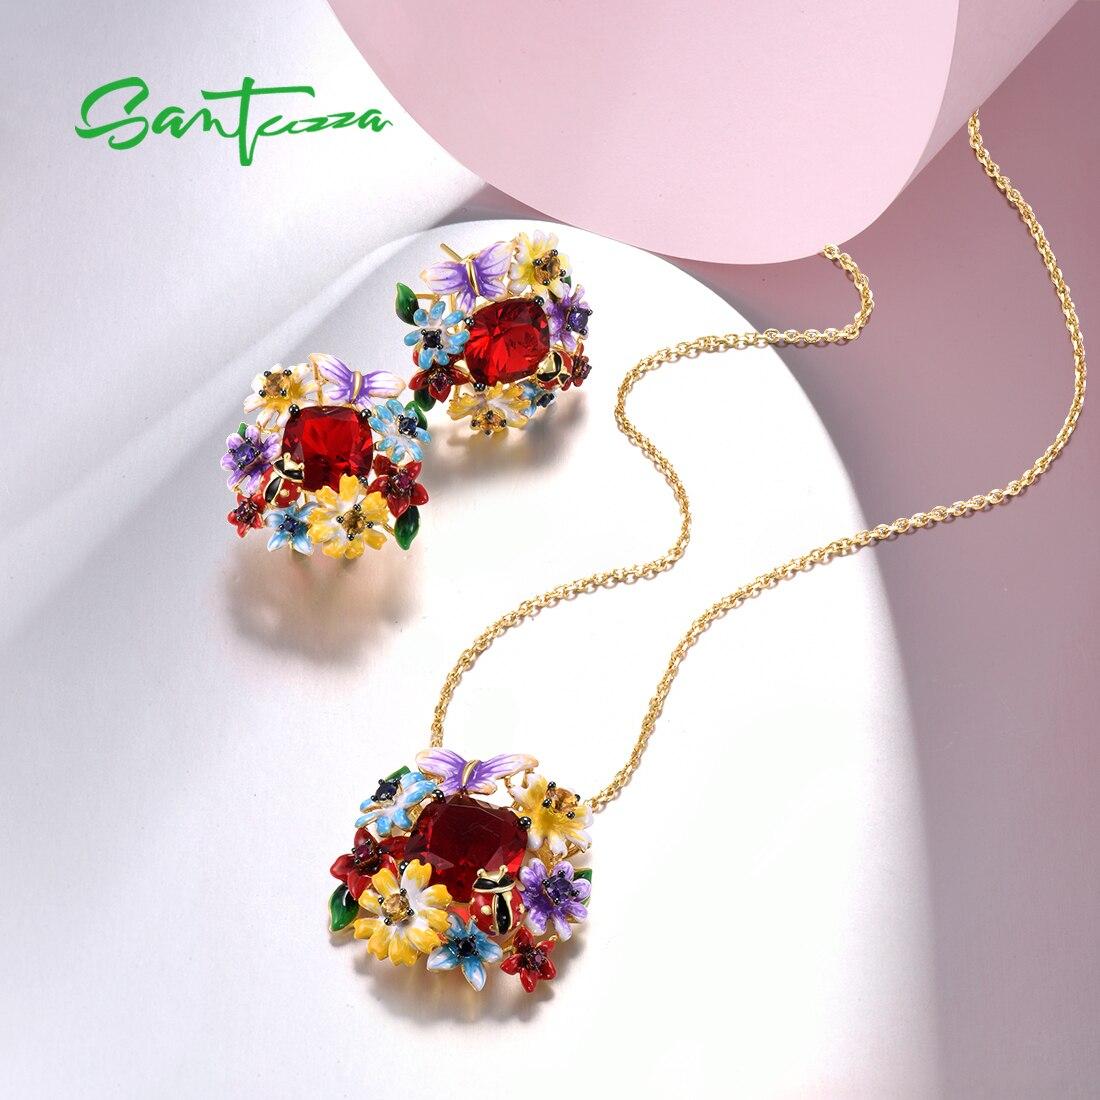 SANTUZZA 925 Sterling Silver Jewelry Set For Women Red Stone Colorful Flowers Earrings Pendant Set Fine Jewelry Handmade Enamel